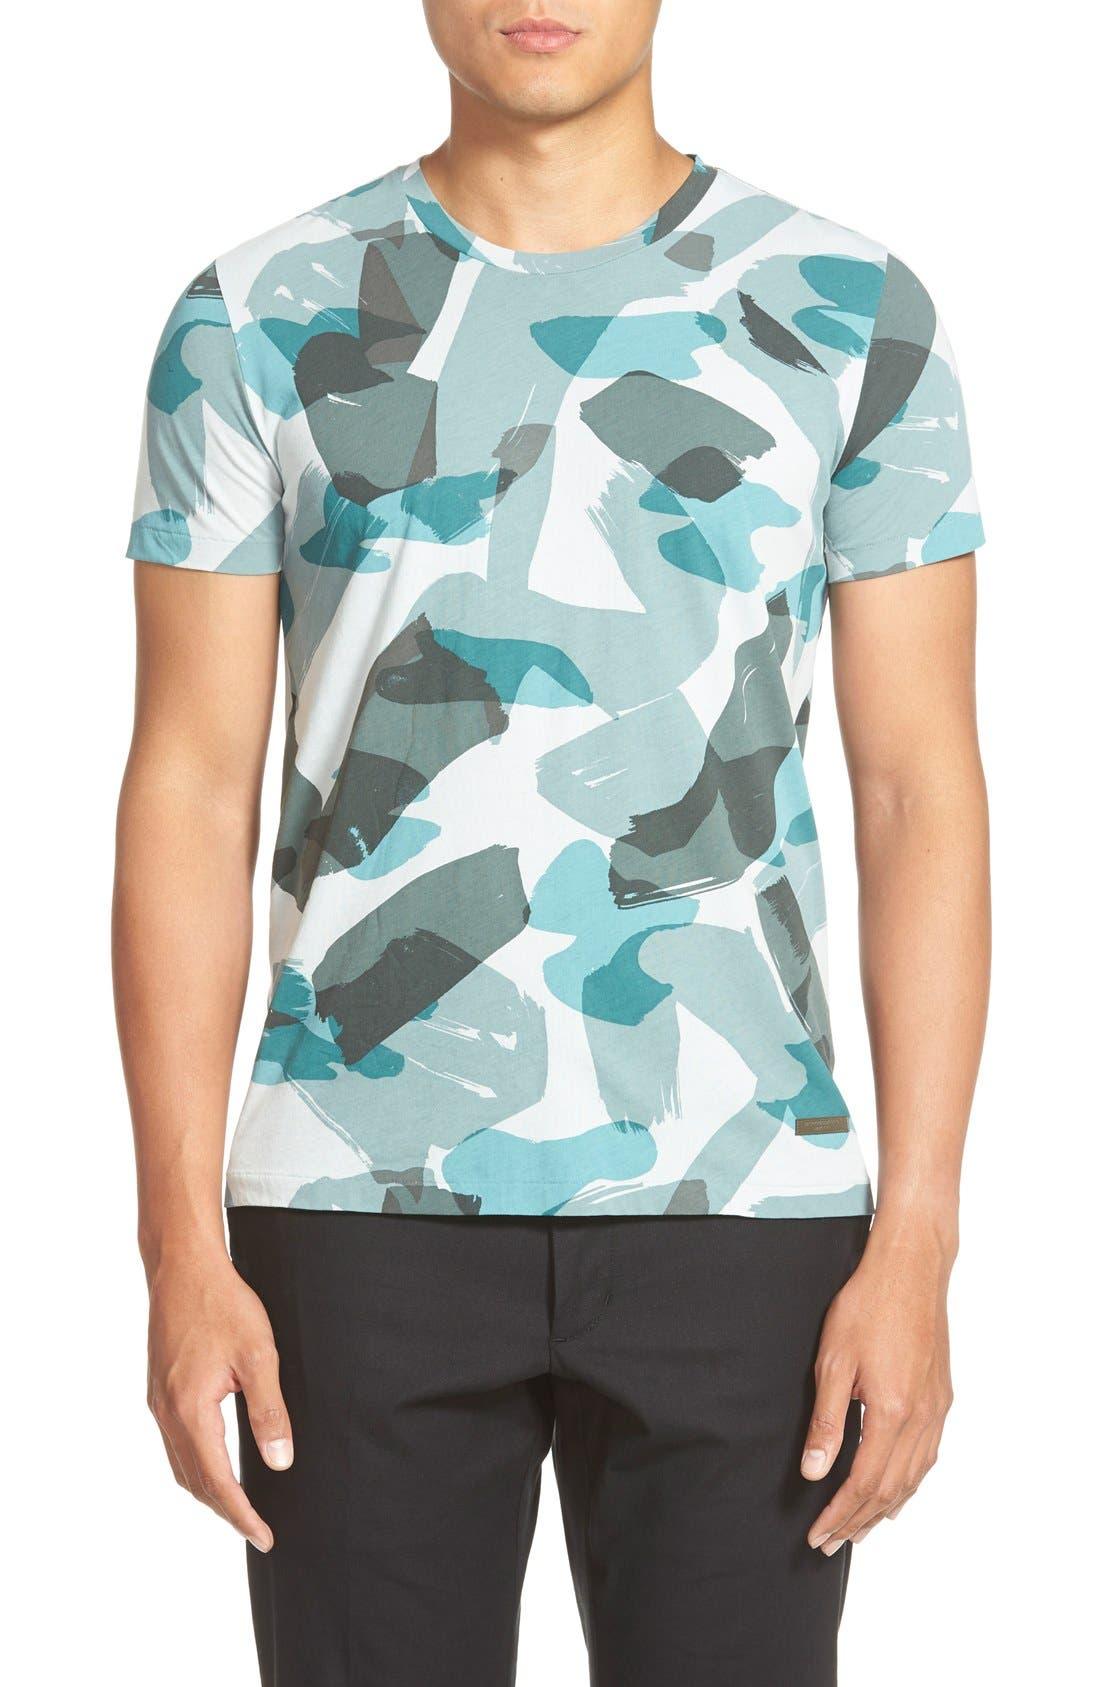 Brit 'Eliot' Camo Print T-Shirt, Main, color, 440